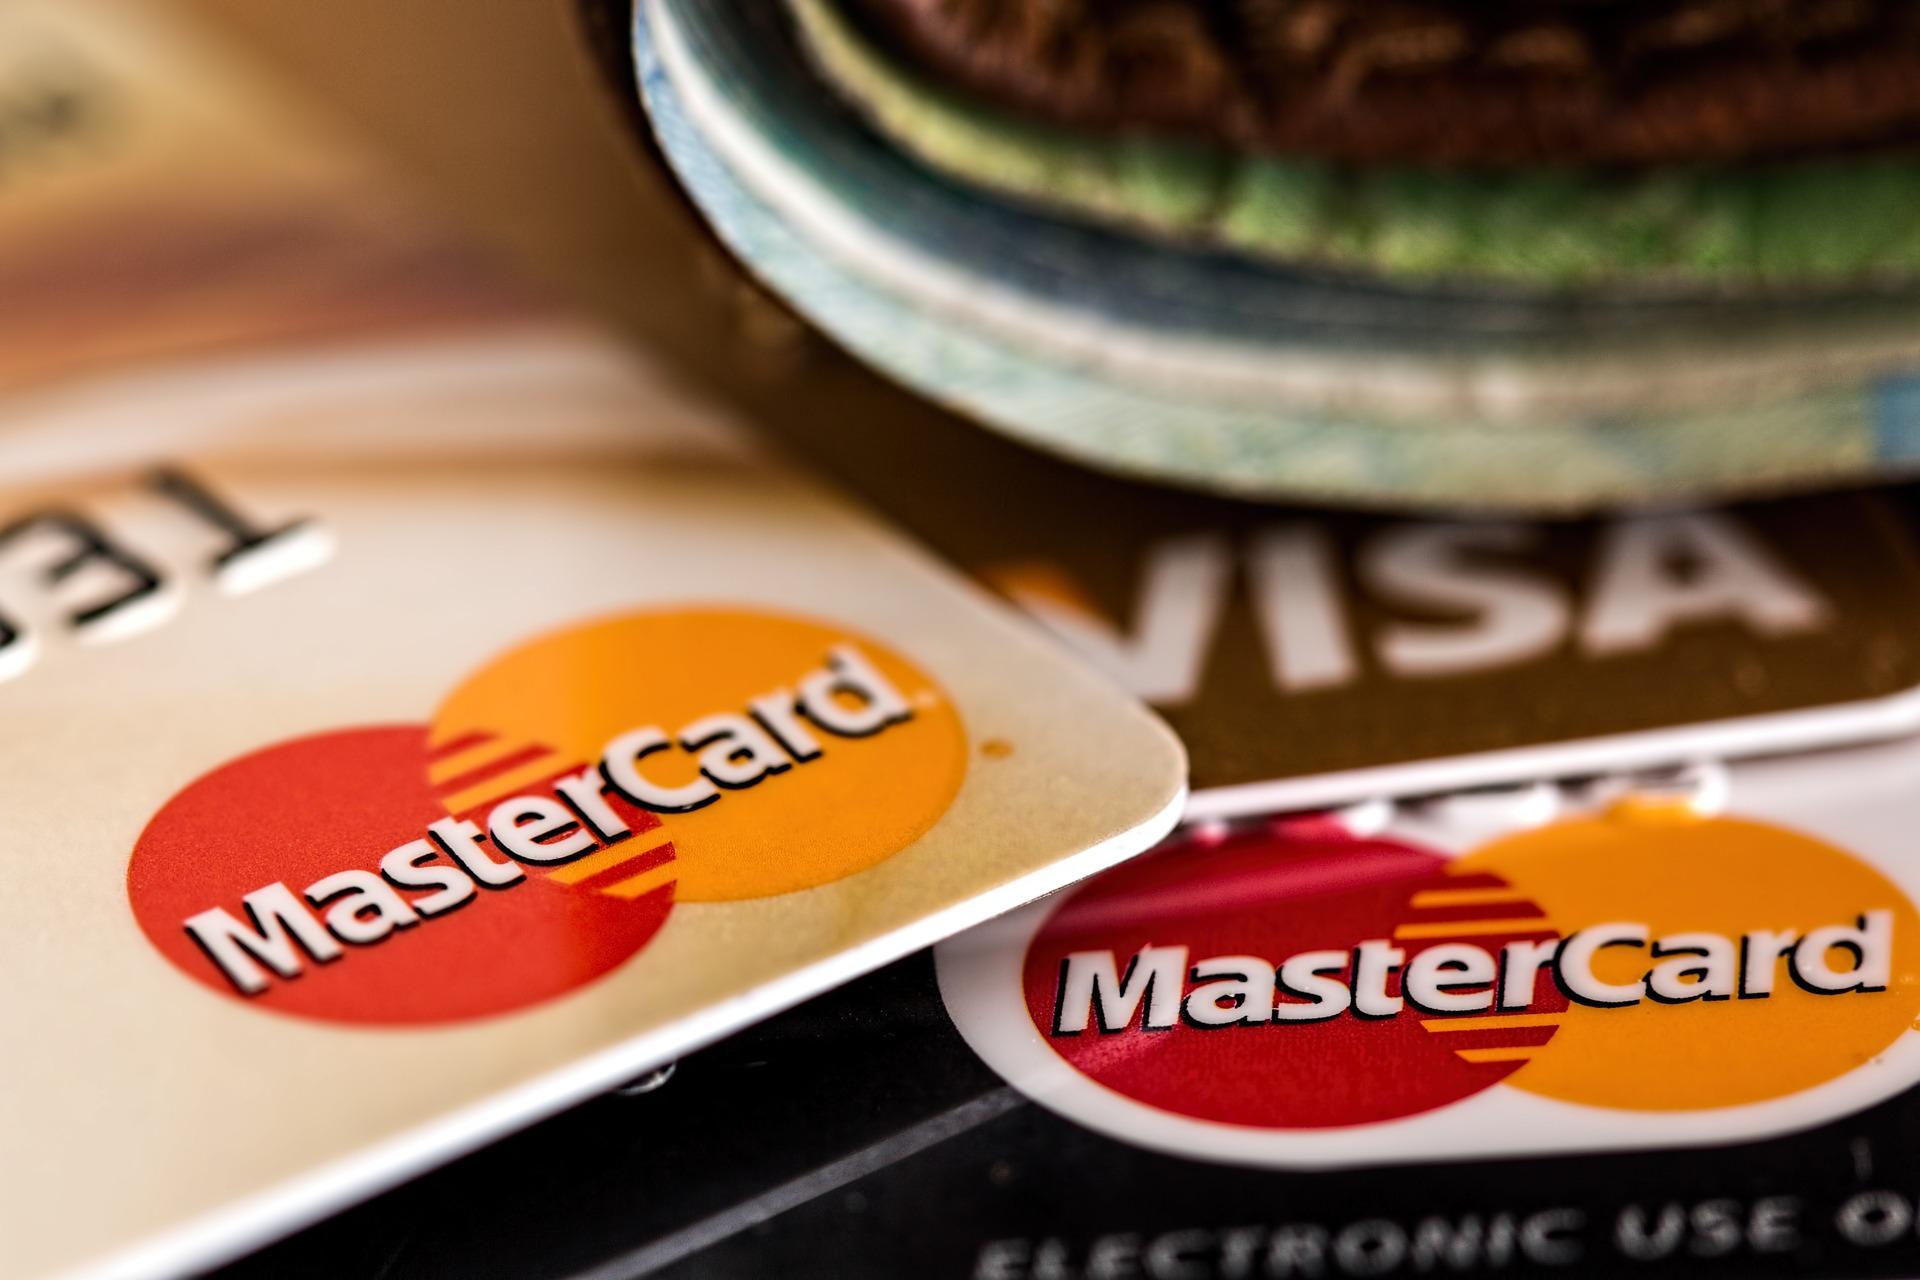 Por qué sería interesante usar una tarjeta de débito